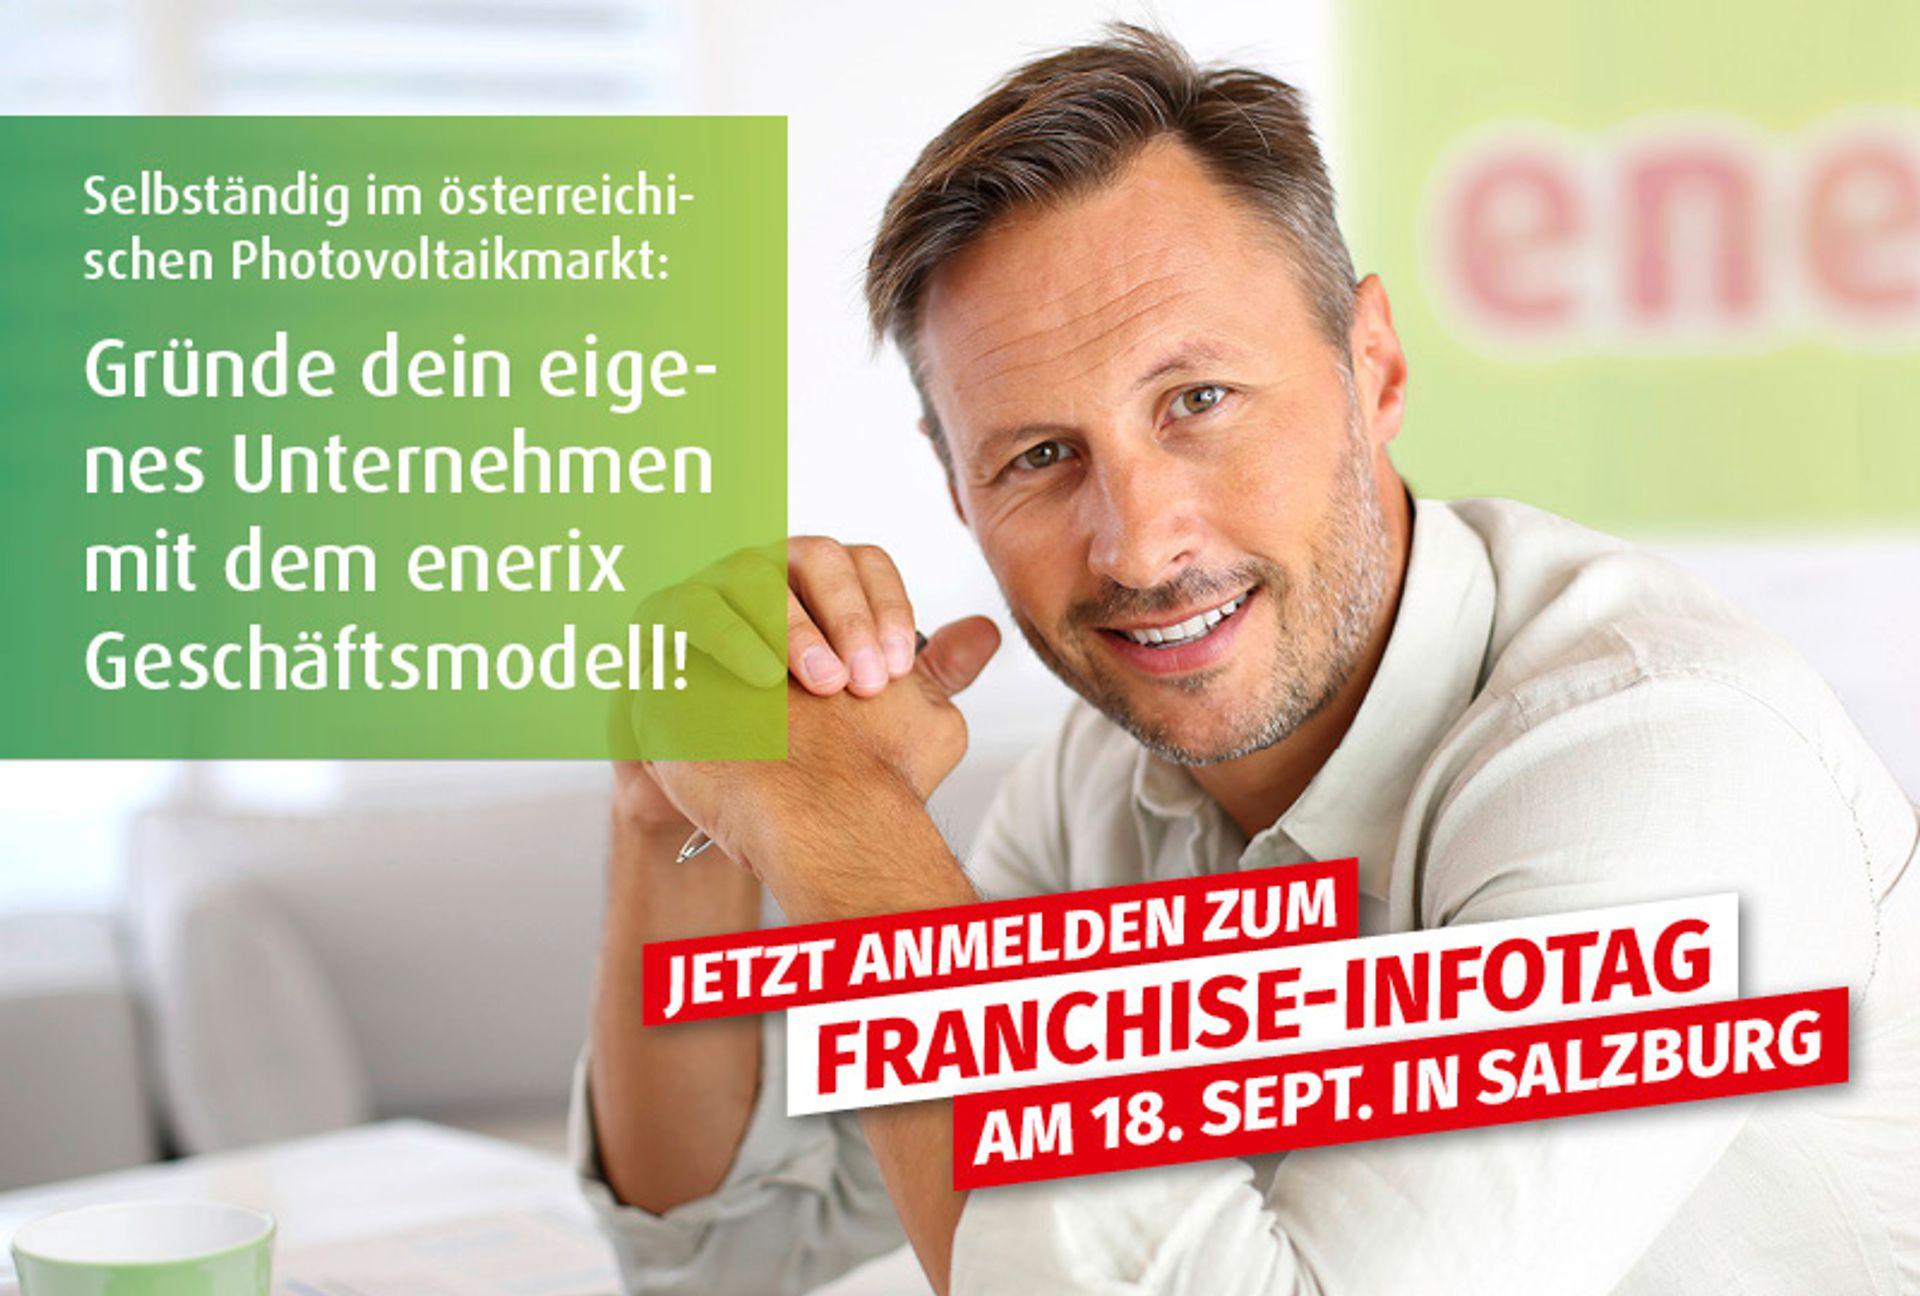 Enerix sucht neue Franchisepartner für Österreich